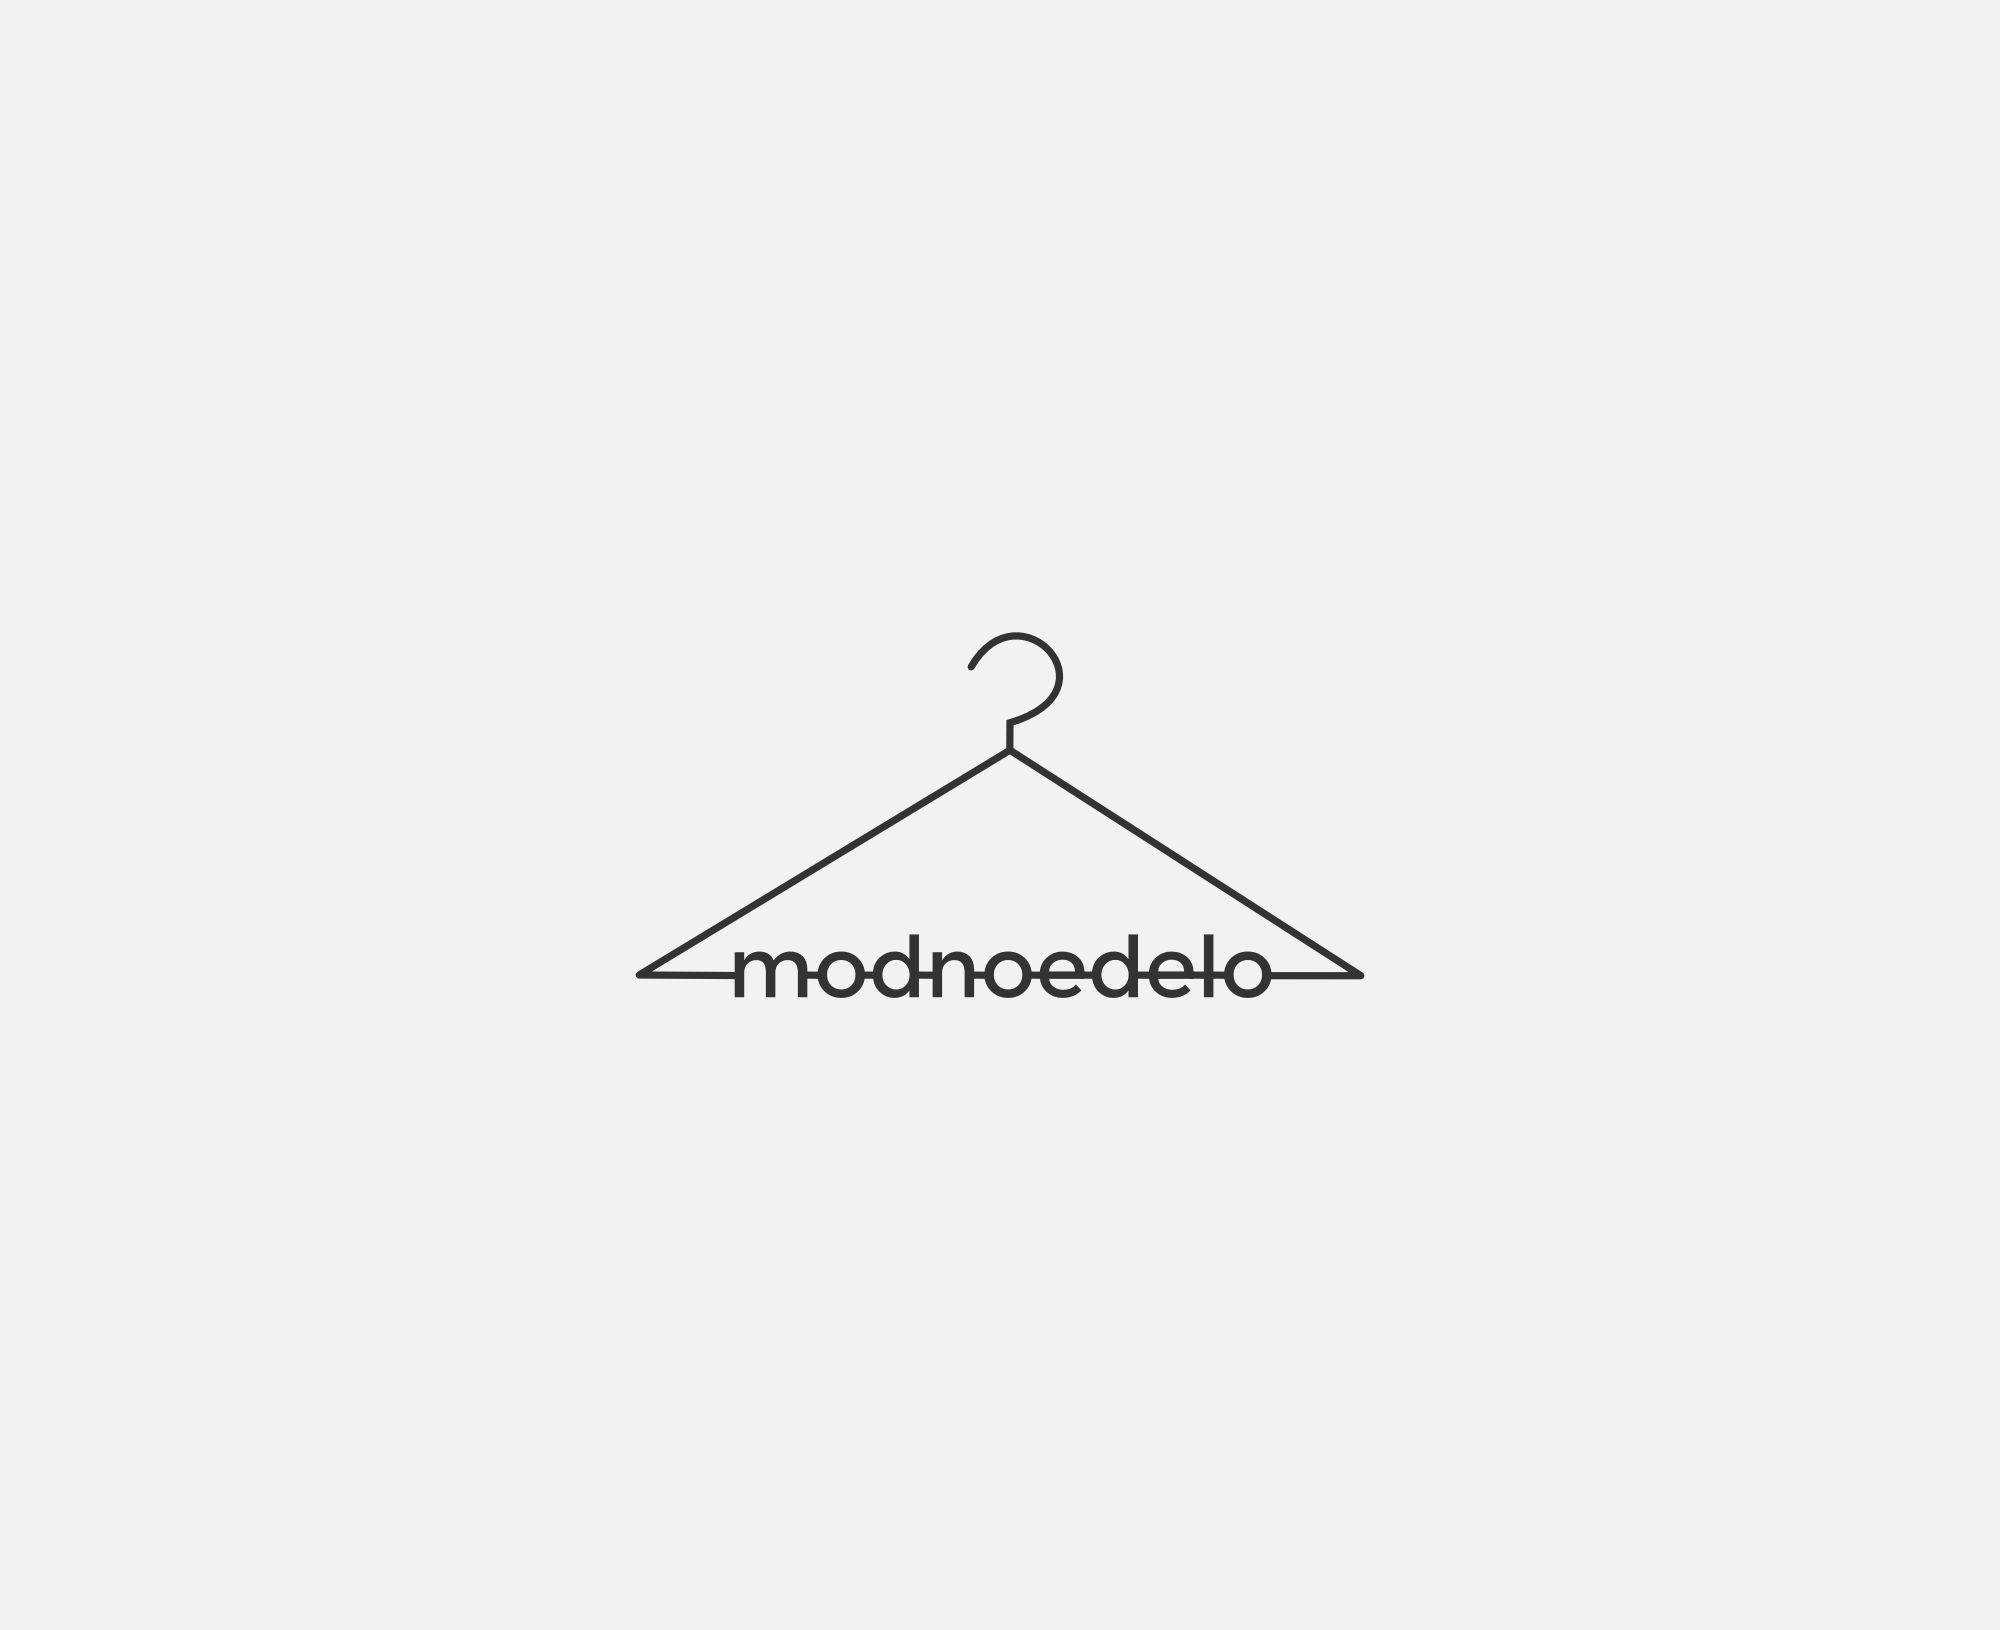 Лого для компании, развивающей бренды в сфере моды - дизайнер qwertymax2